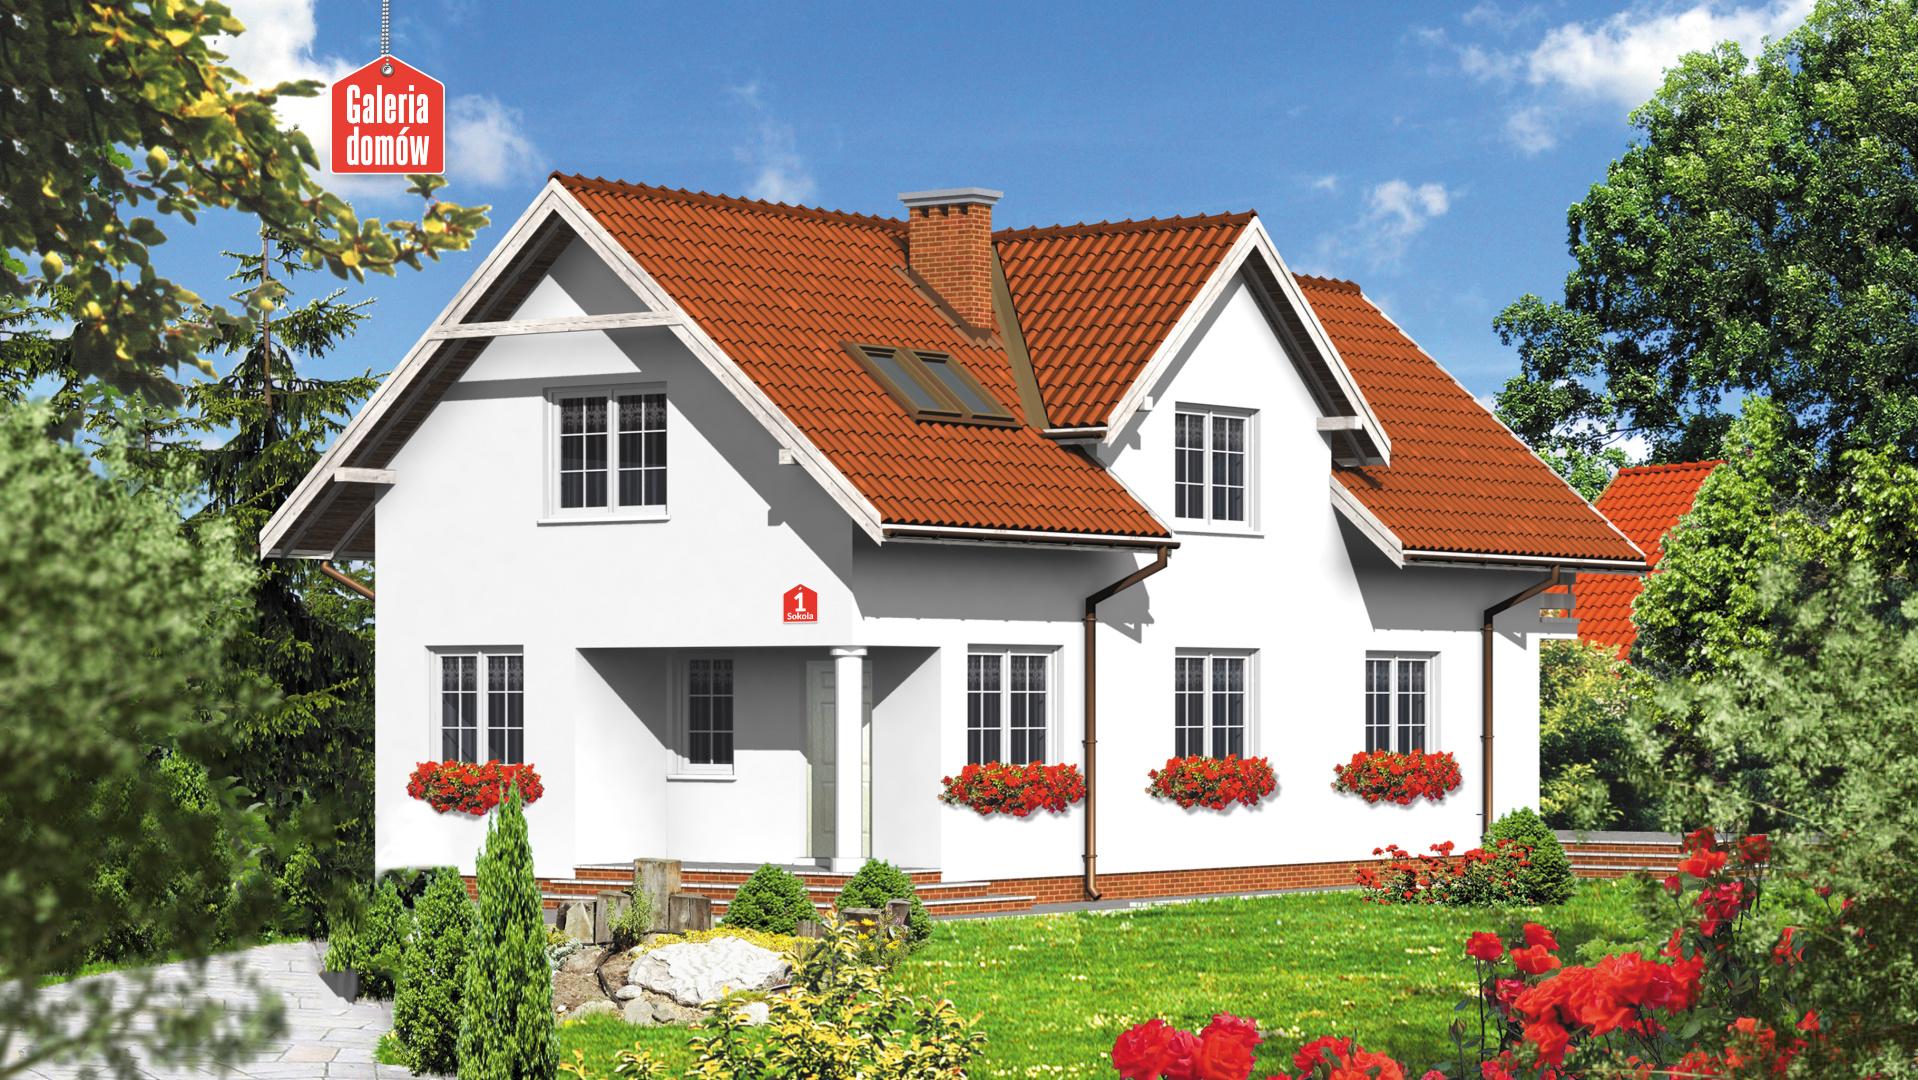 Dom przy Sokolej - zdjęcie projektu i wizualizacja